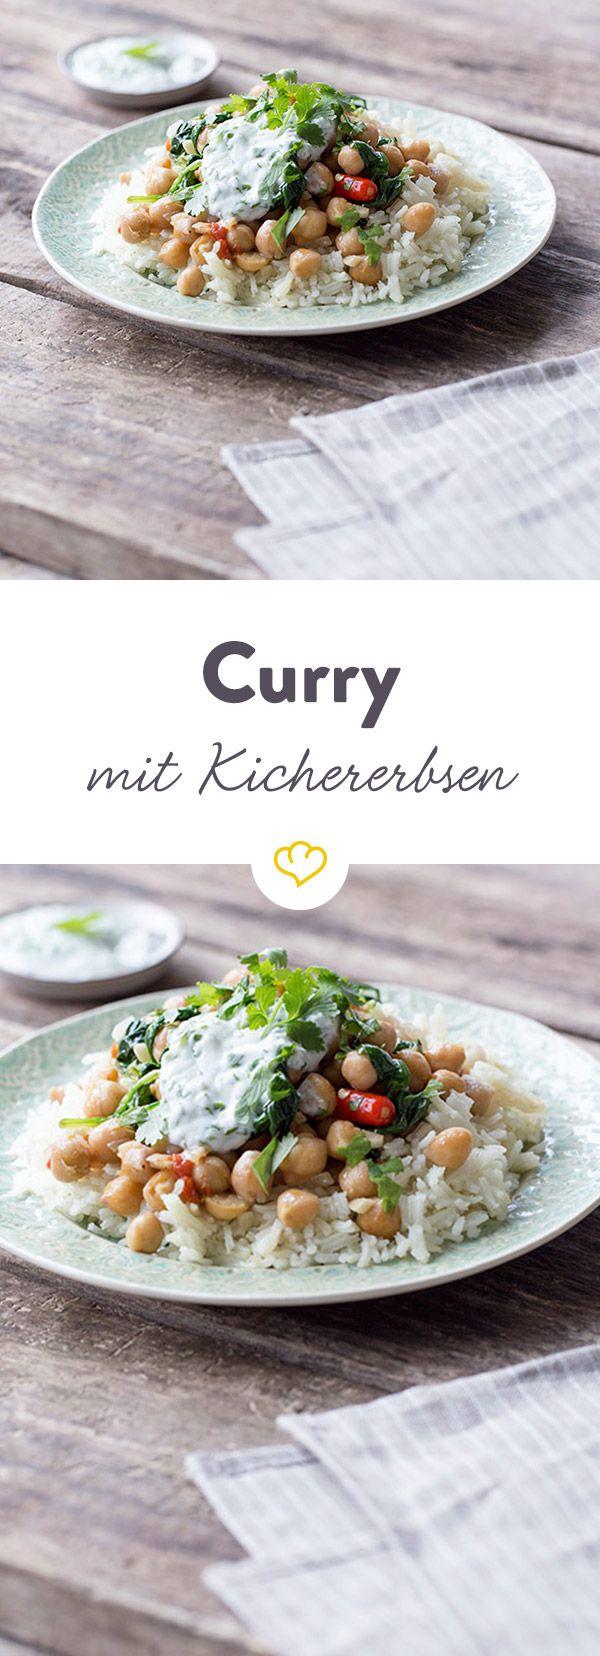 Kichererbsen, zartes Gemüse und ein paar feine Gewürze - mehr braucht ein Curry nicht um richtig lecker zu werden. Probier es gleich aus!